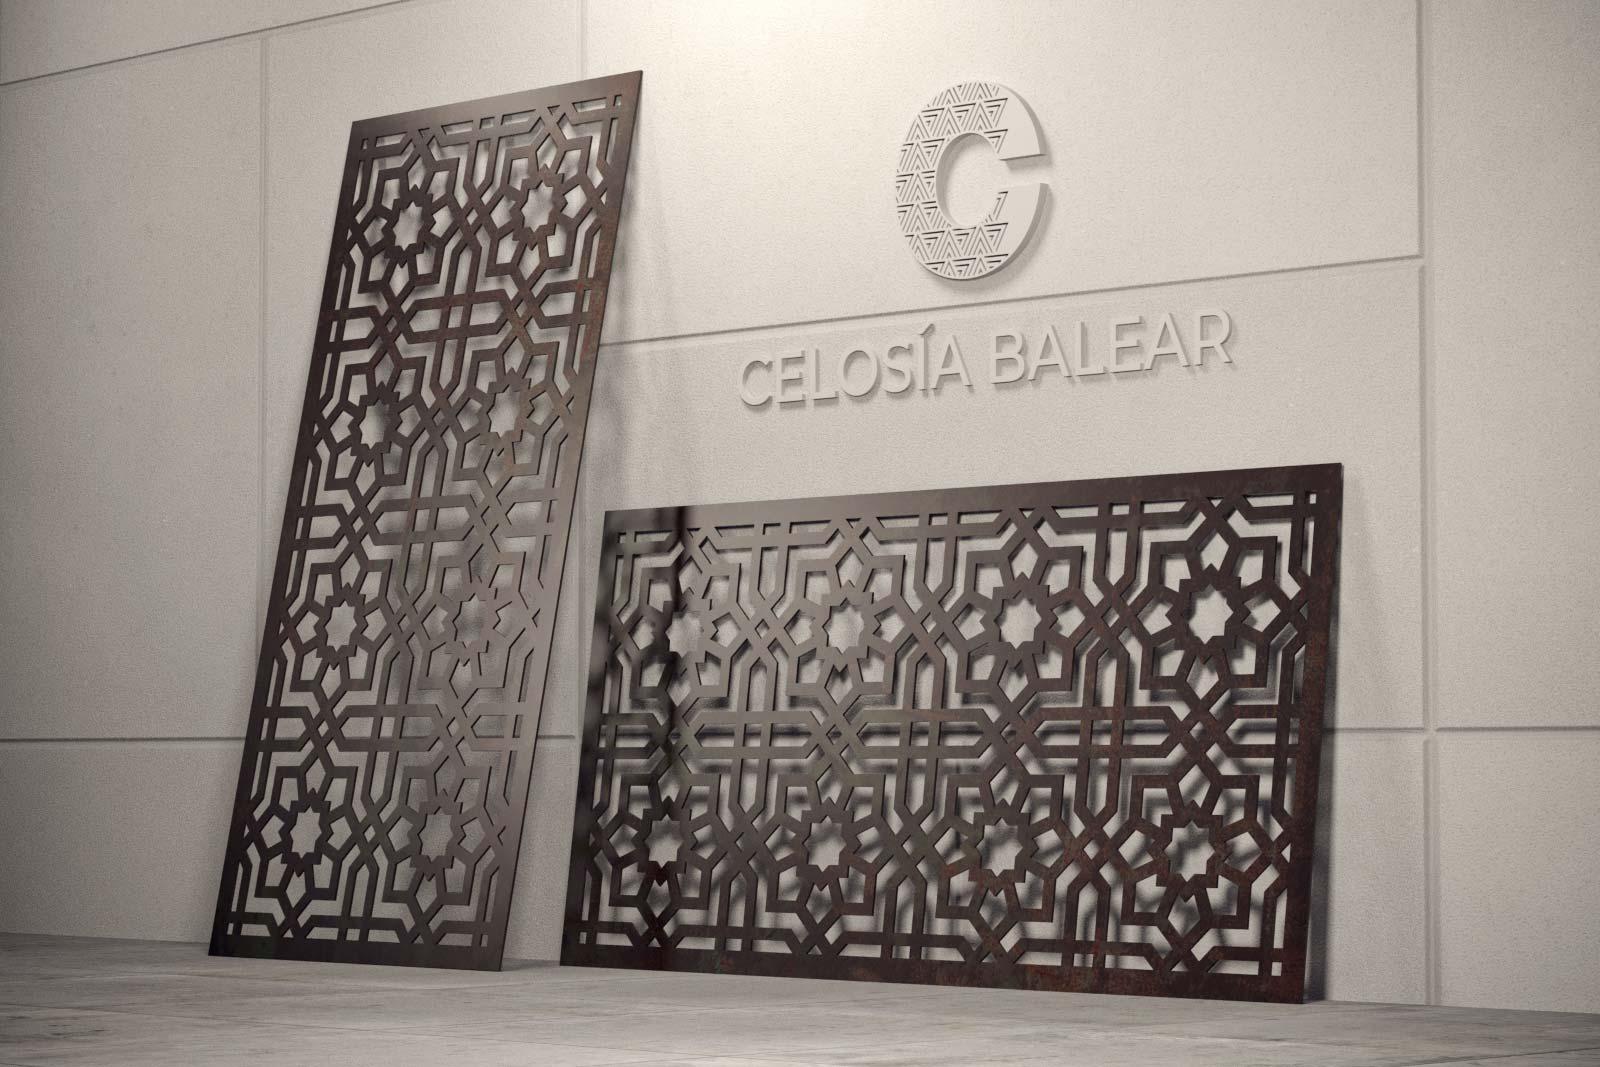 decoración arábica en una celosía metálica